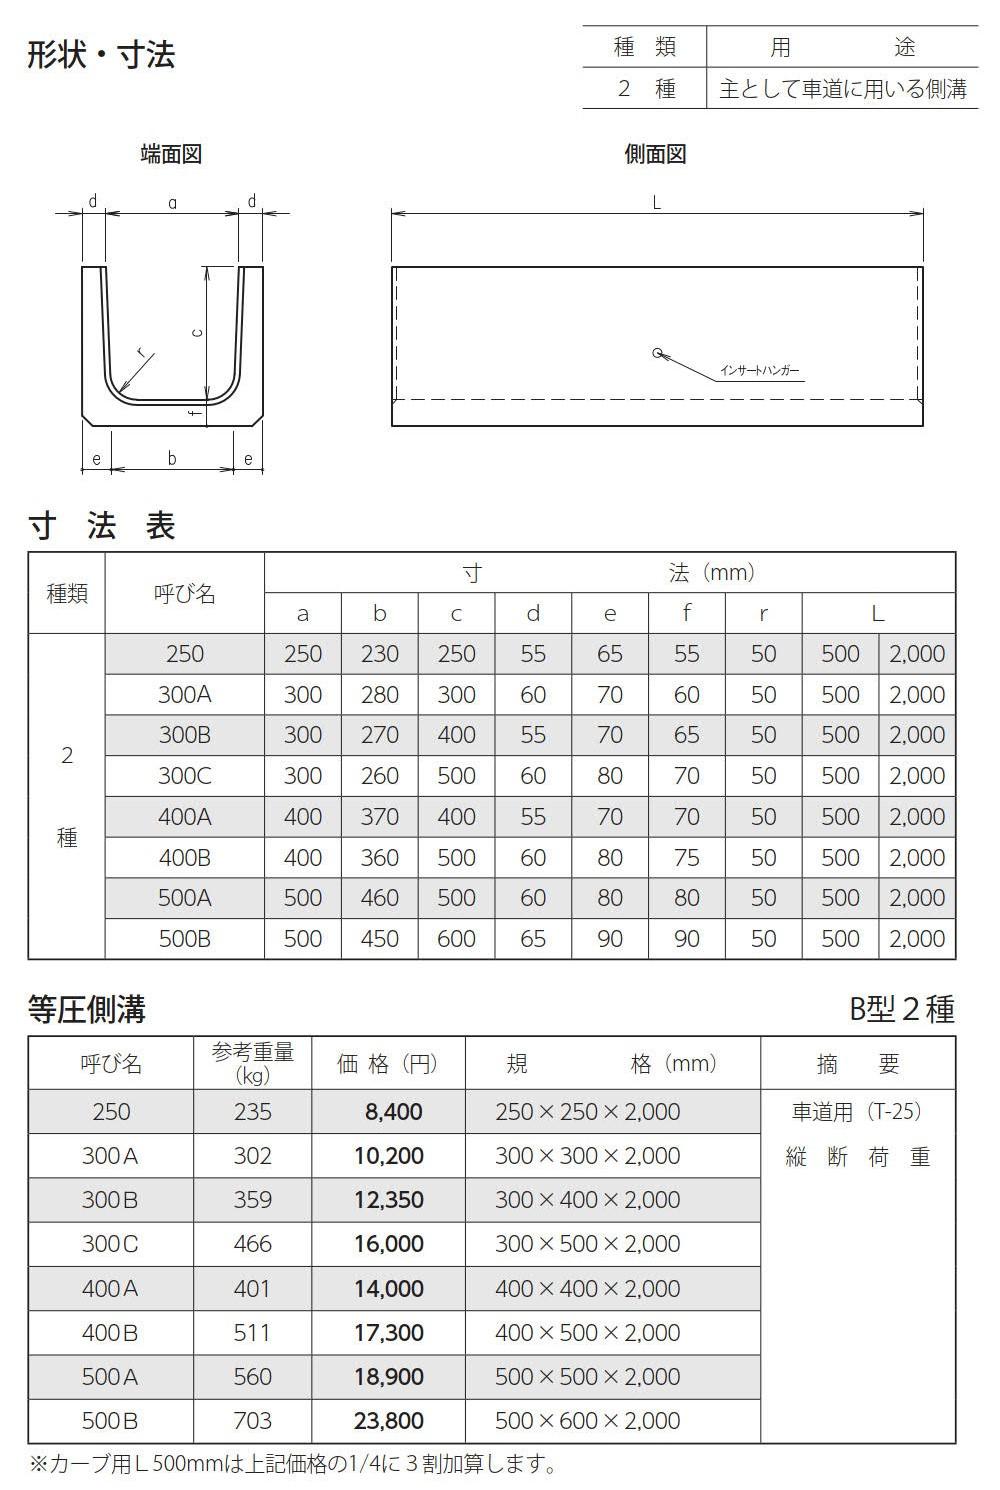 道路用一般側溝|道路用側溝(B型) 外形寸法 1